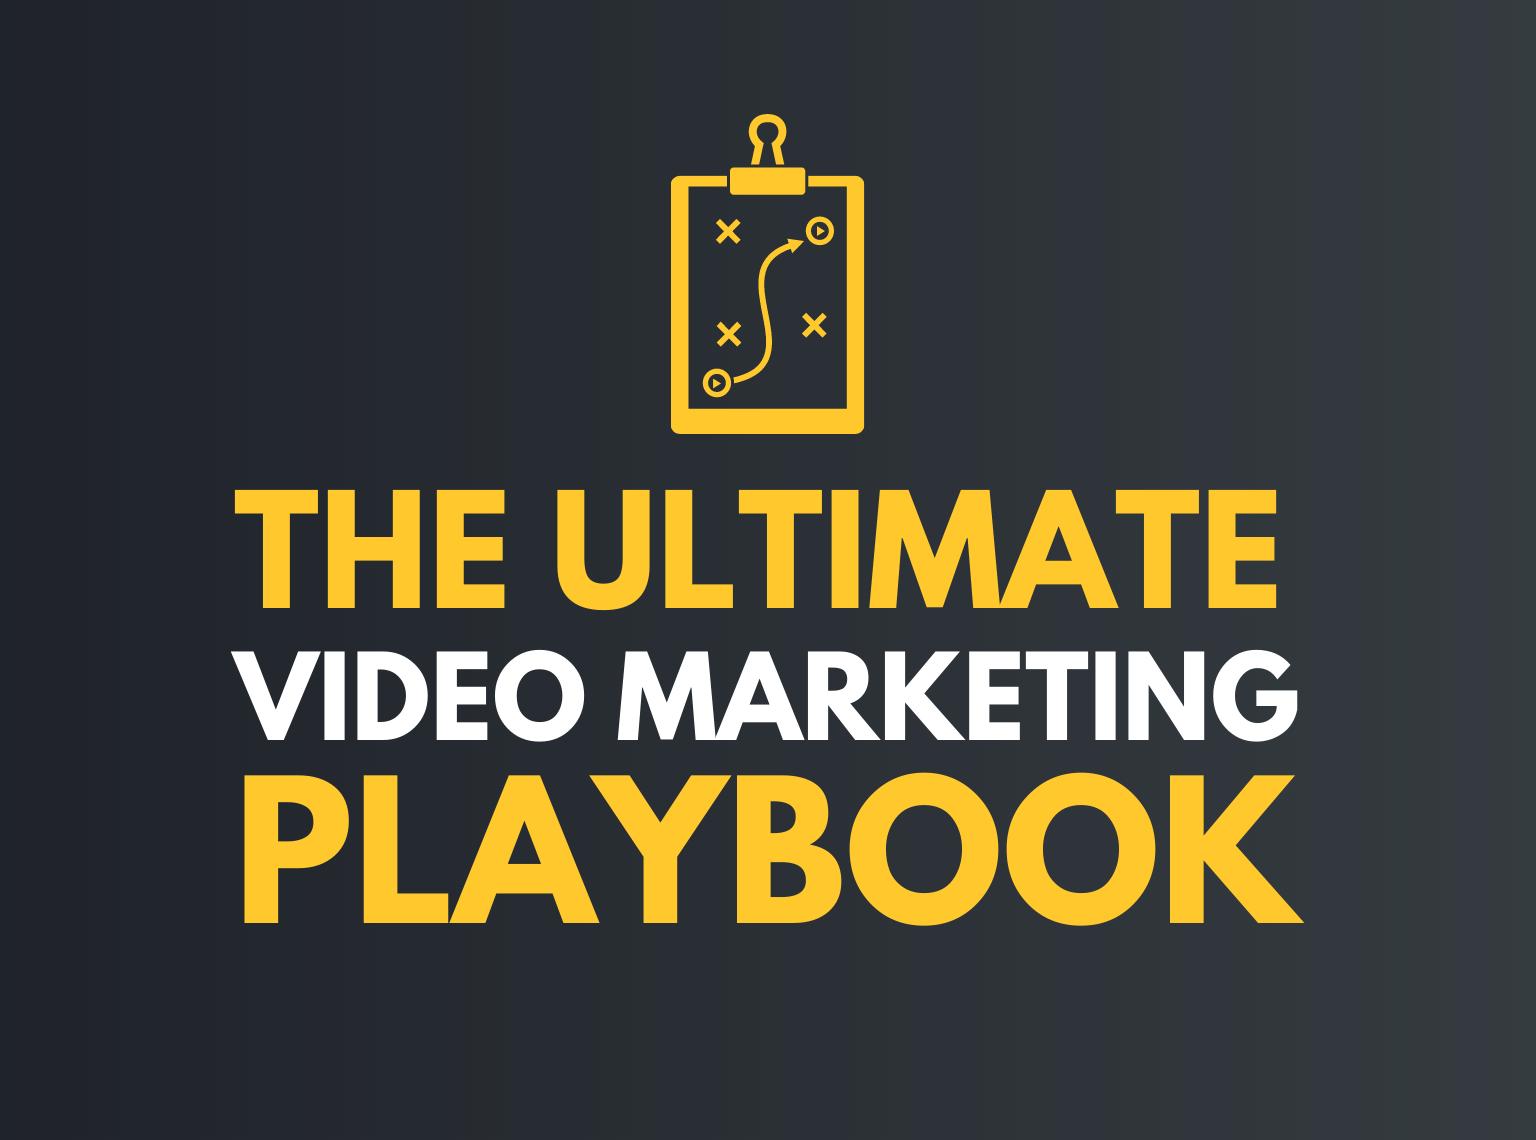 video marketing playbook hero graphic